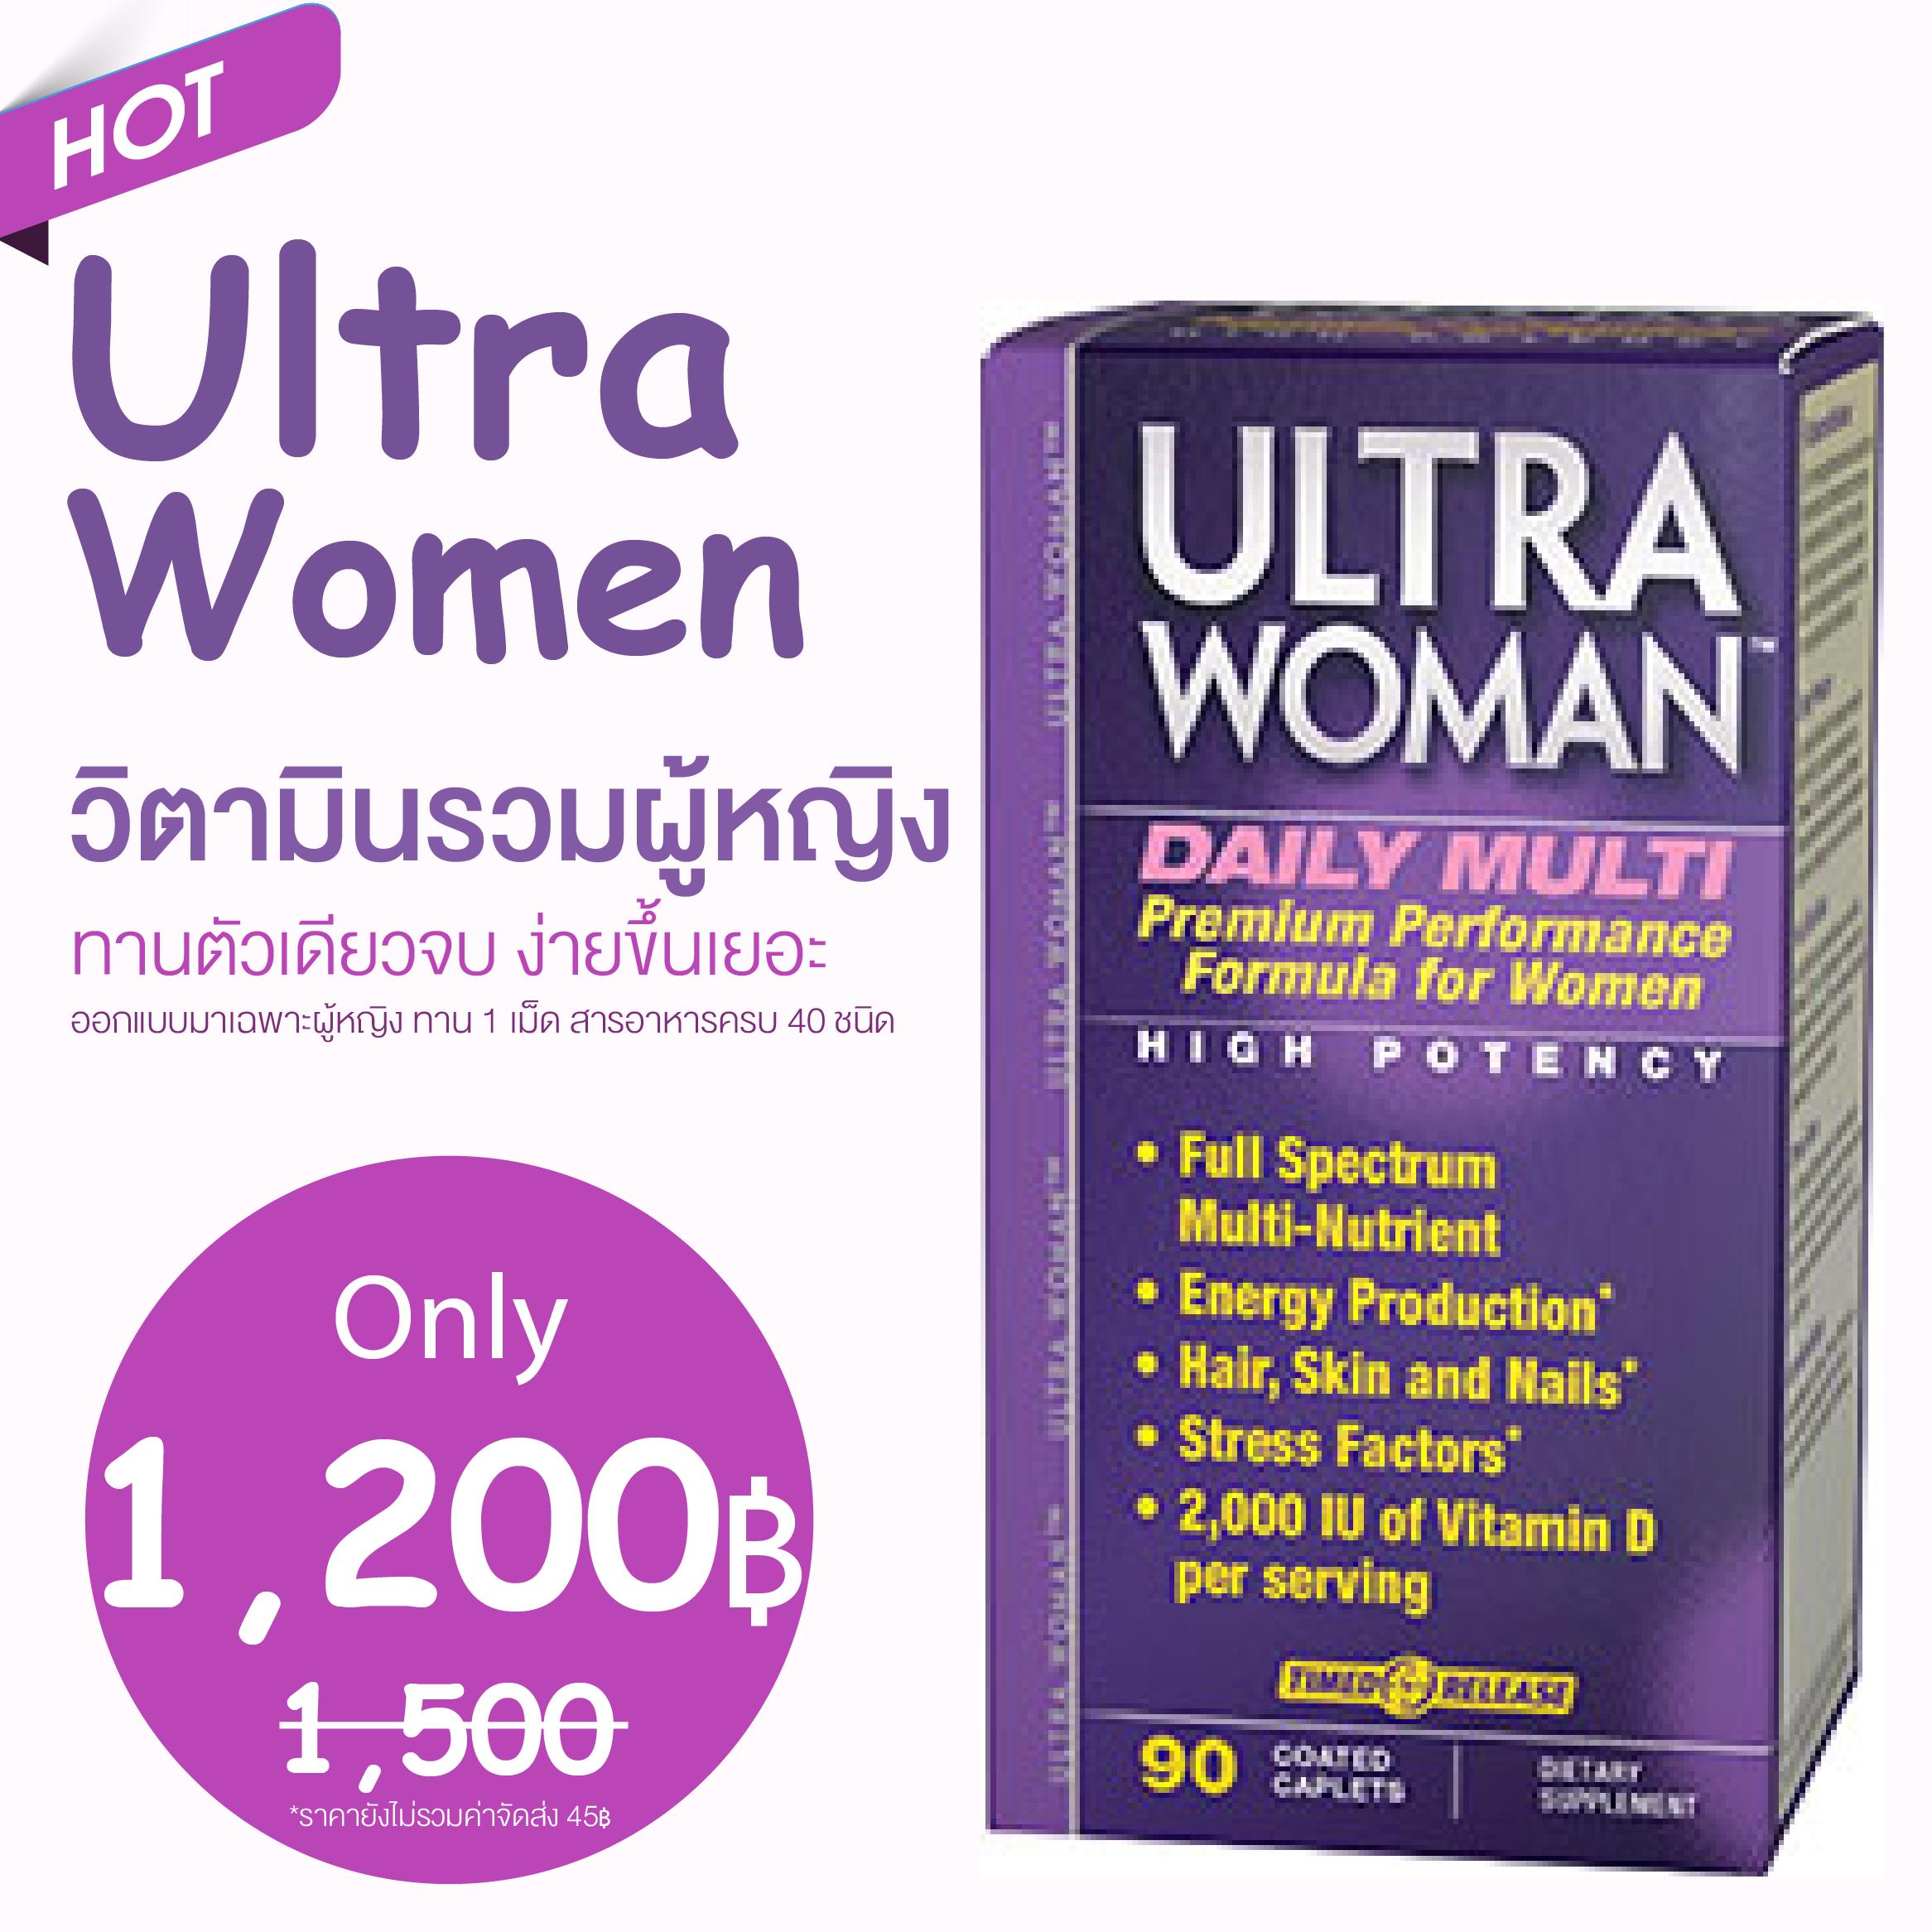 ล็อตใหม่ Ultra Woman™ Daily Multi วิตามินรวมสำหรับคุณผู้หญิงทุกท่าน ภายในเม็ดเดียวมีสารอาหารกว่า 40 ชนิด 1 ขวดมี 90 เม็ด กินง่าย ได้สารอาหารครบในเม็ดเดียวจ้า